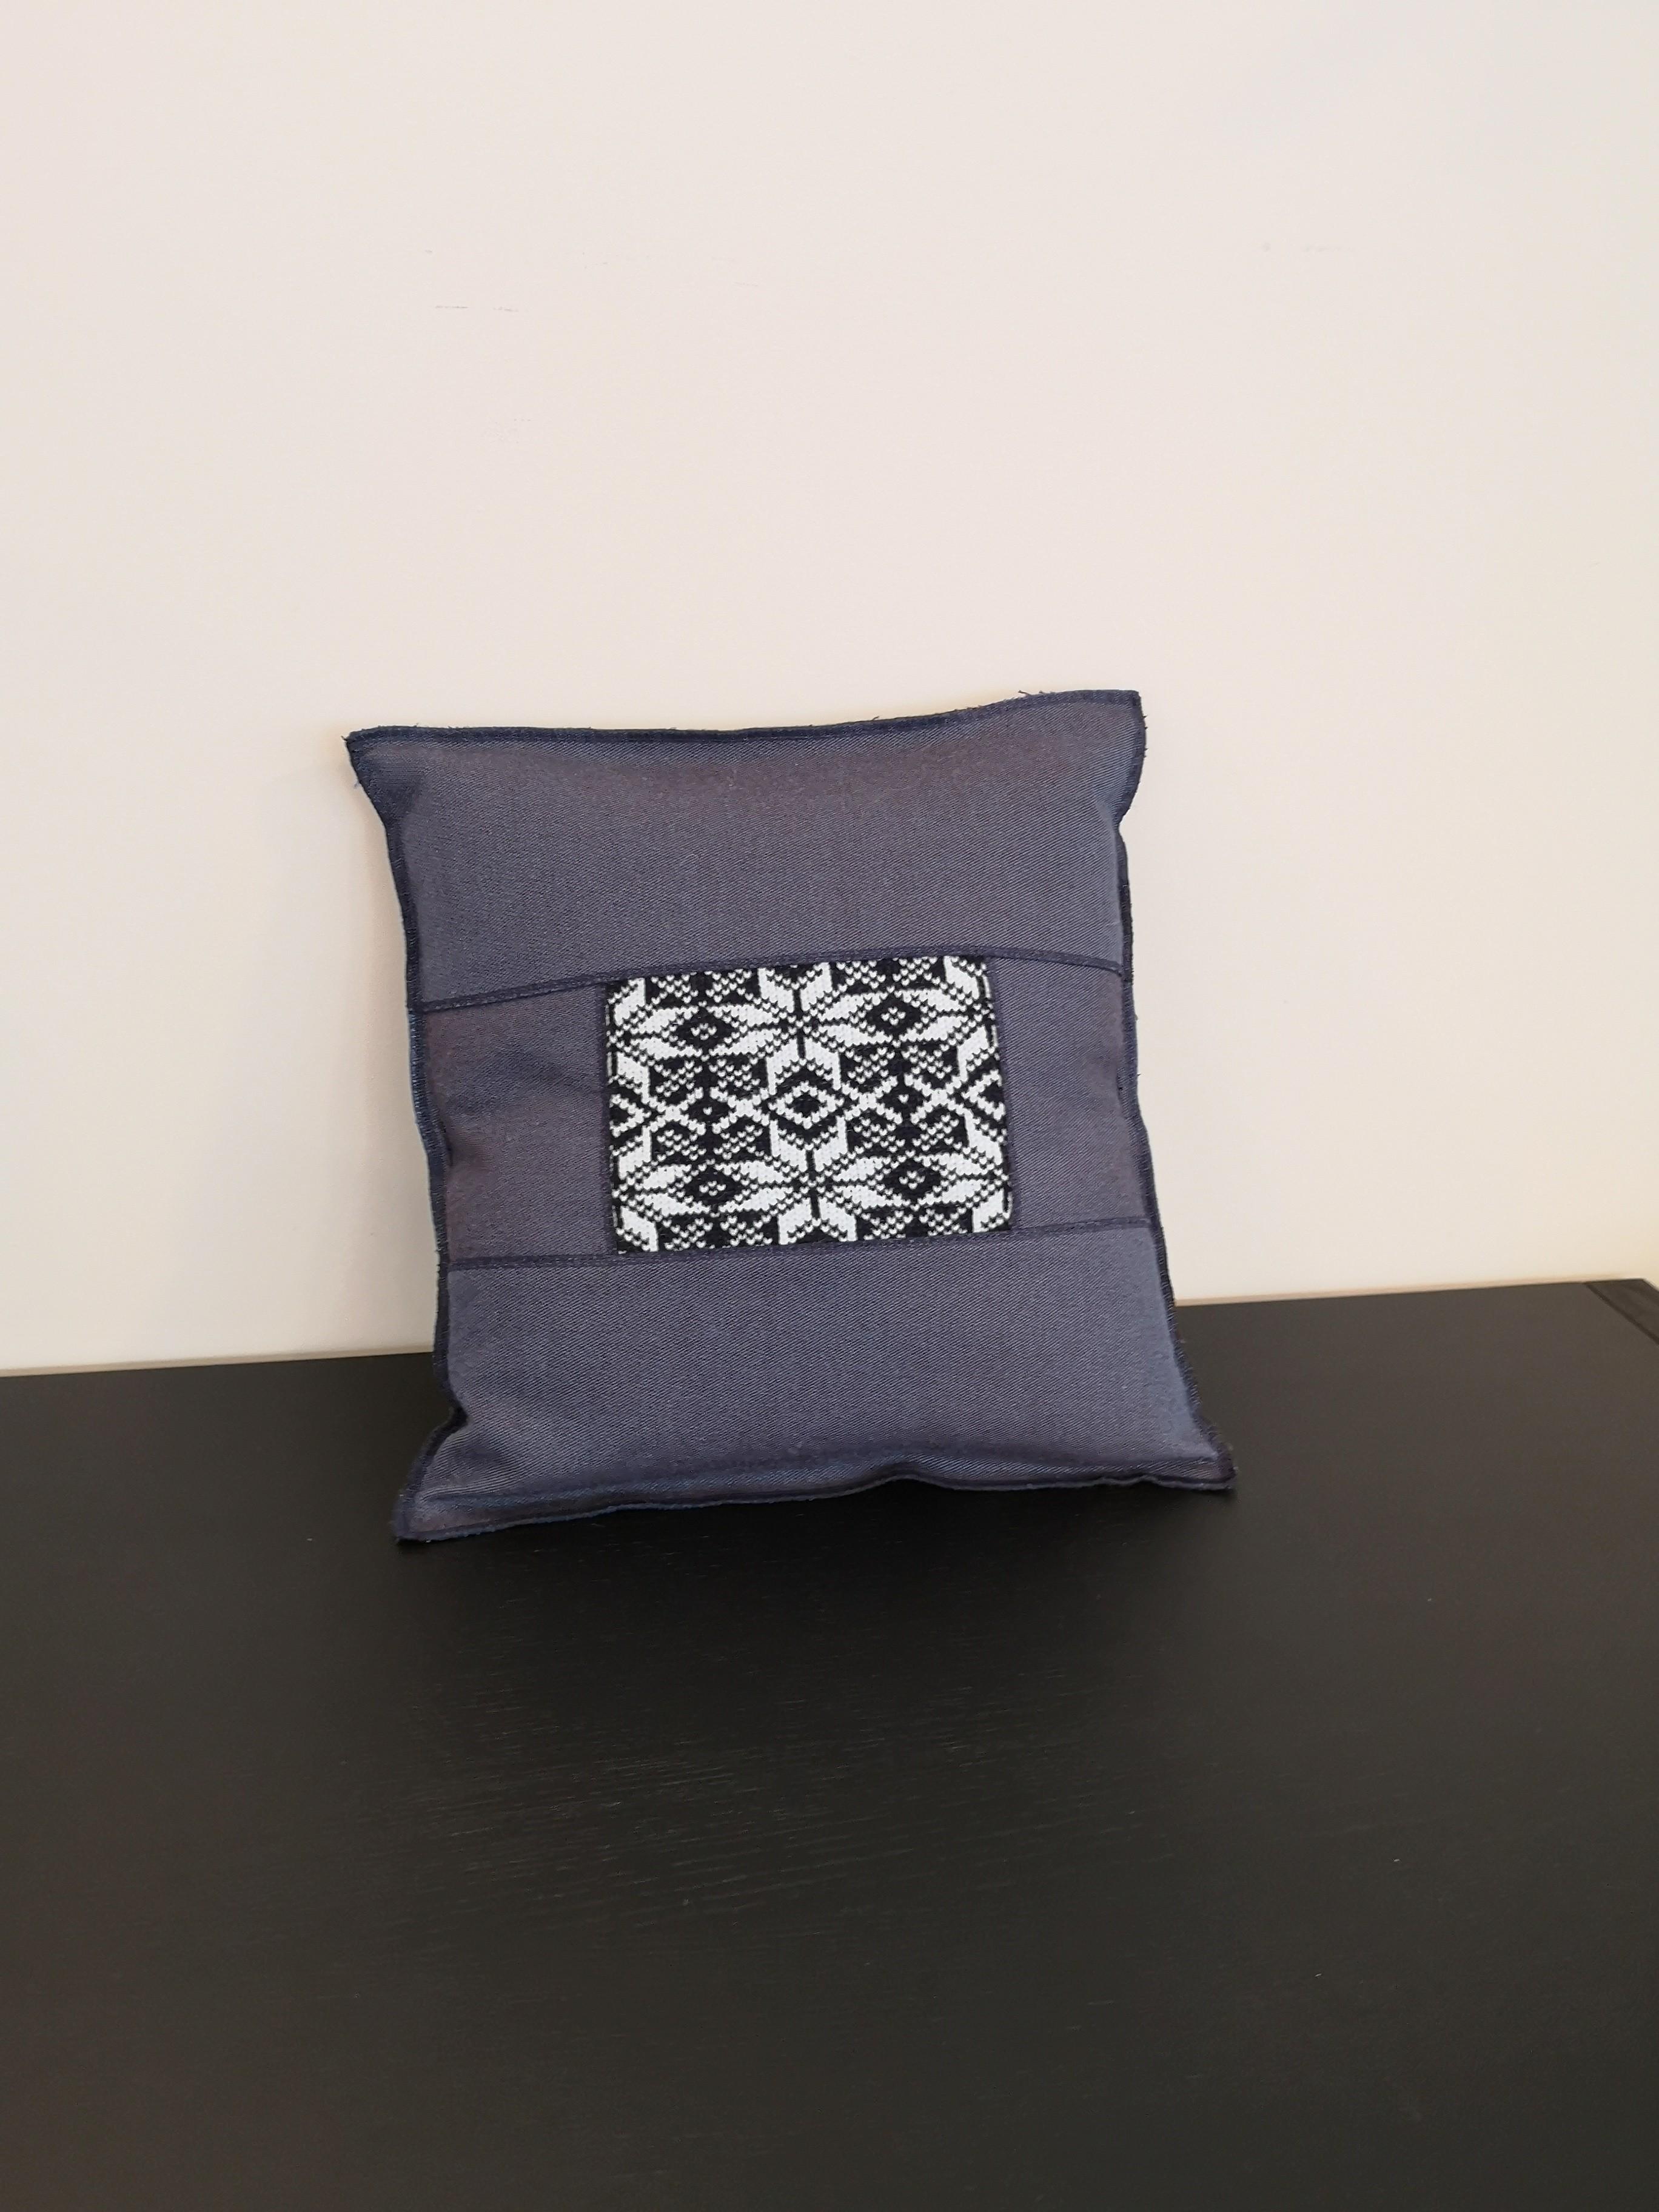 Design-Kissen hergestellt in der Schweiz 01